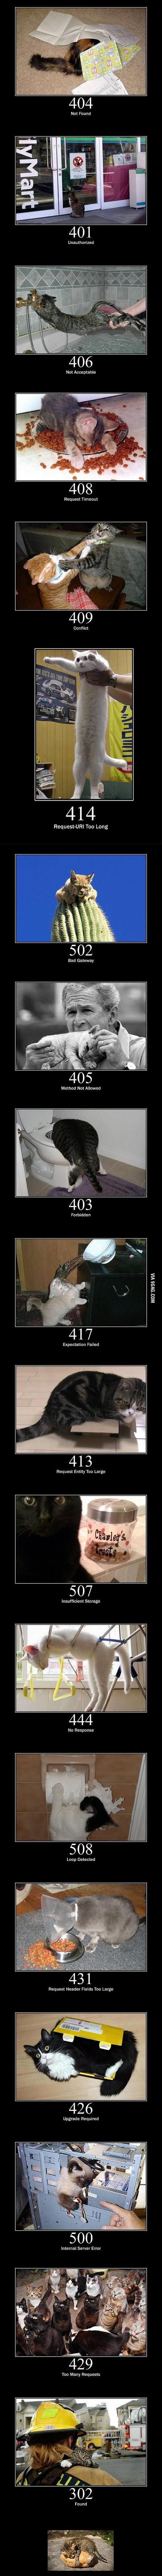 Humor - Page 10 ApqOojE_700b_v3